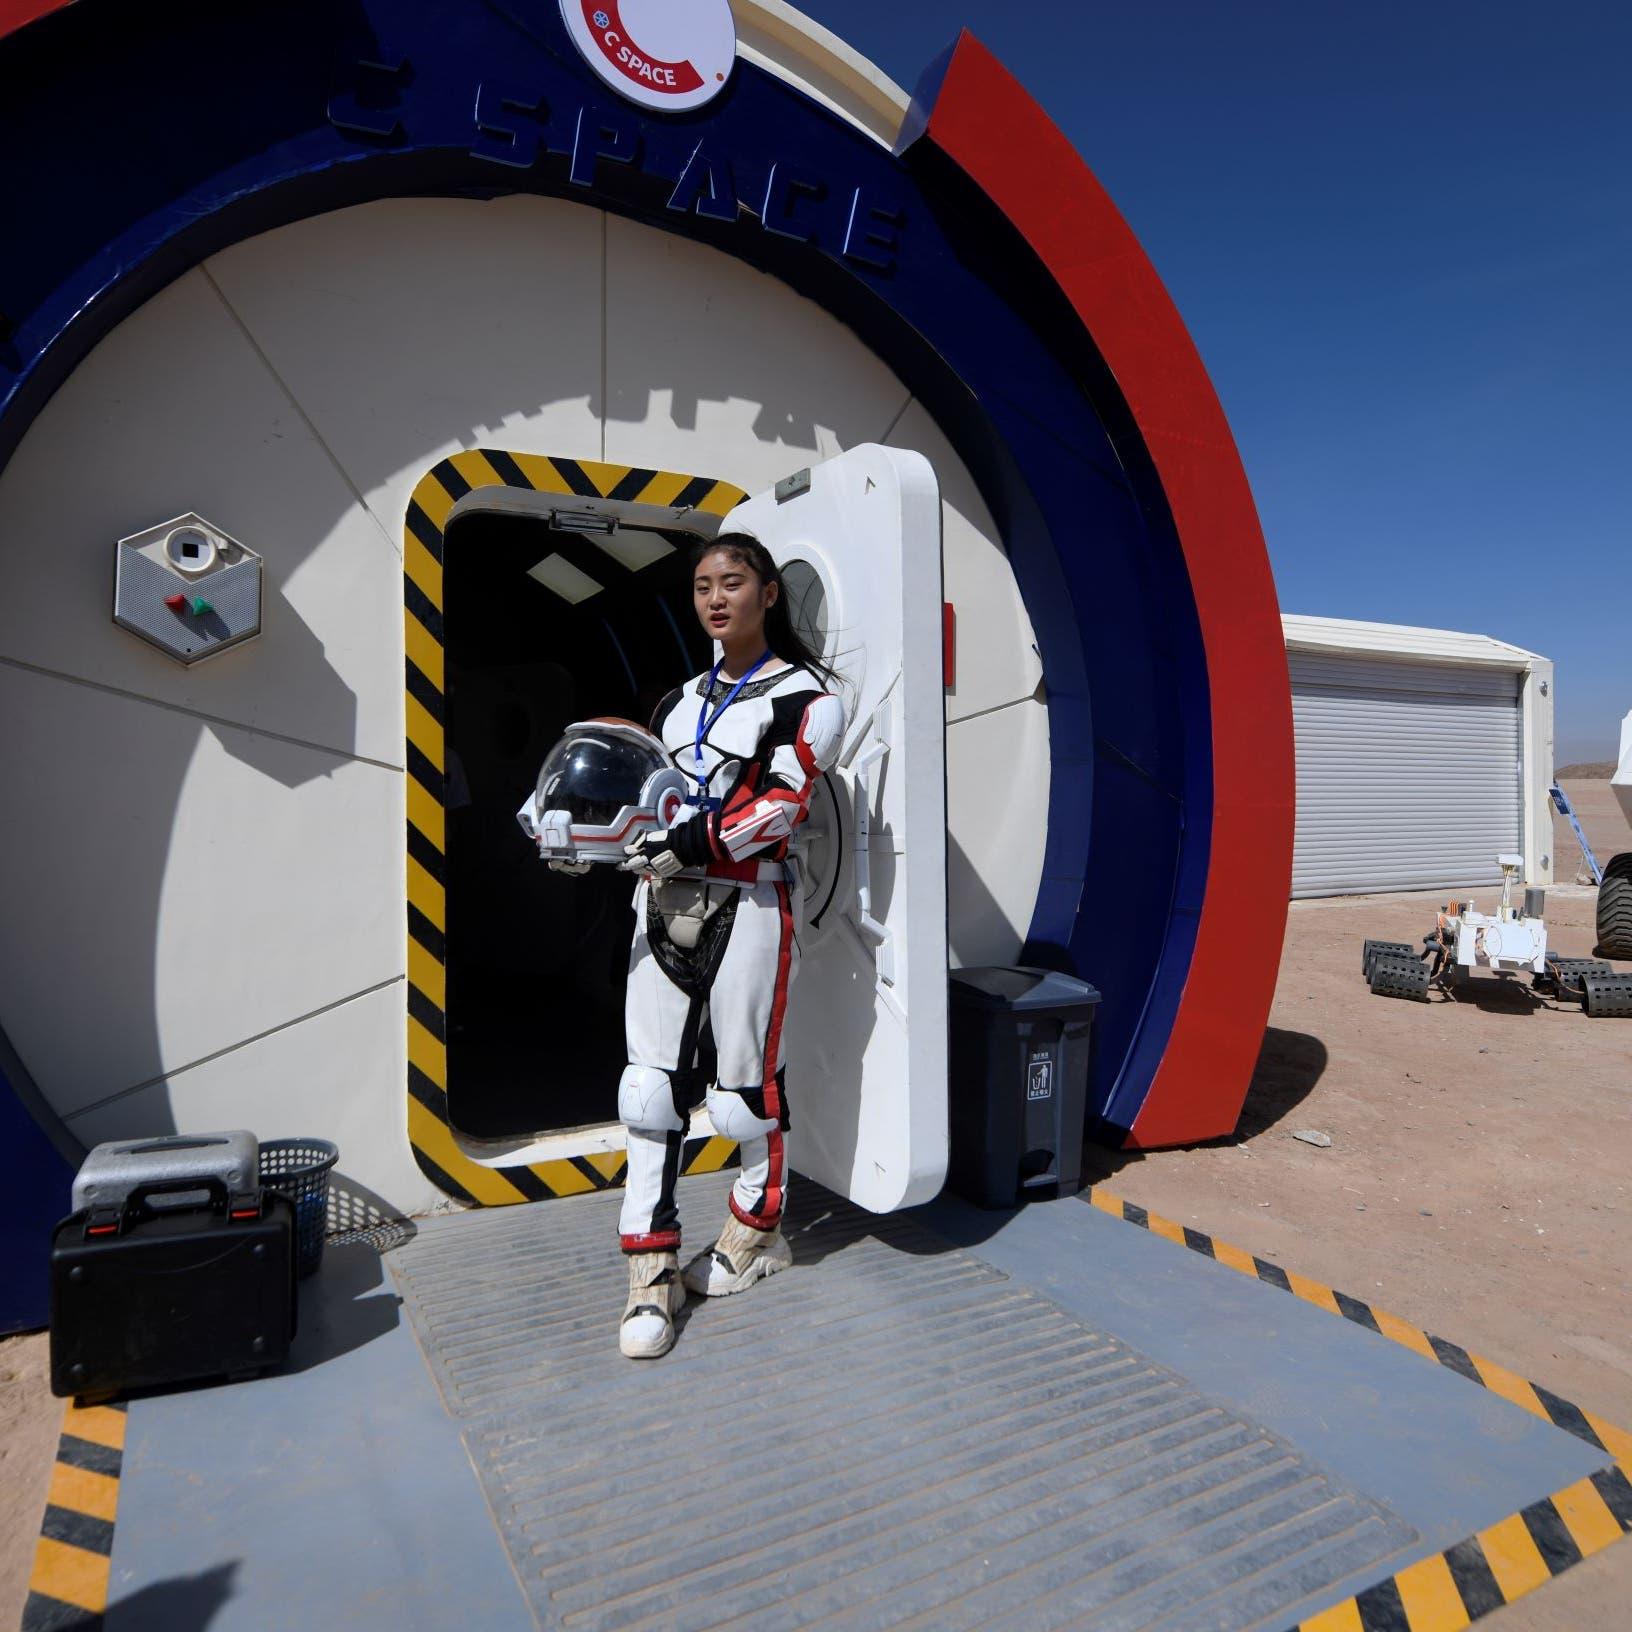 أسئلة السماء.. اسم أول بعثة صينية لاستكشاف المريخ